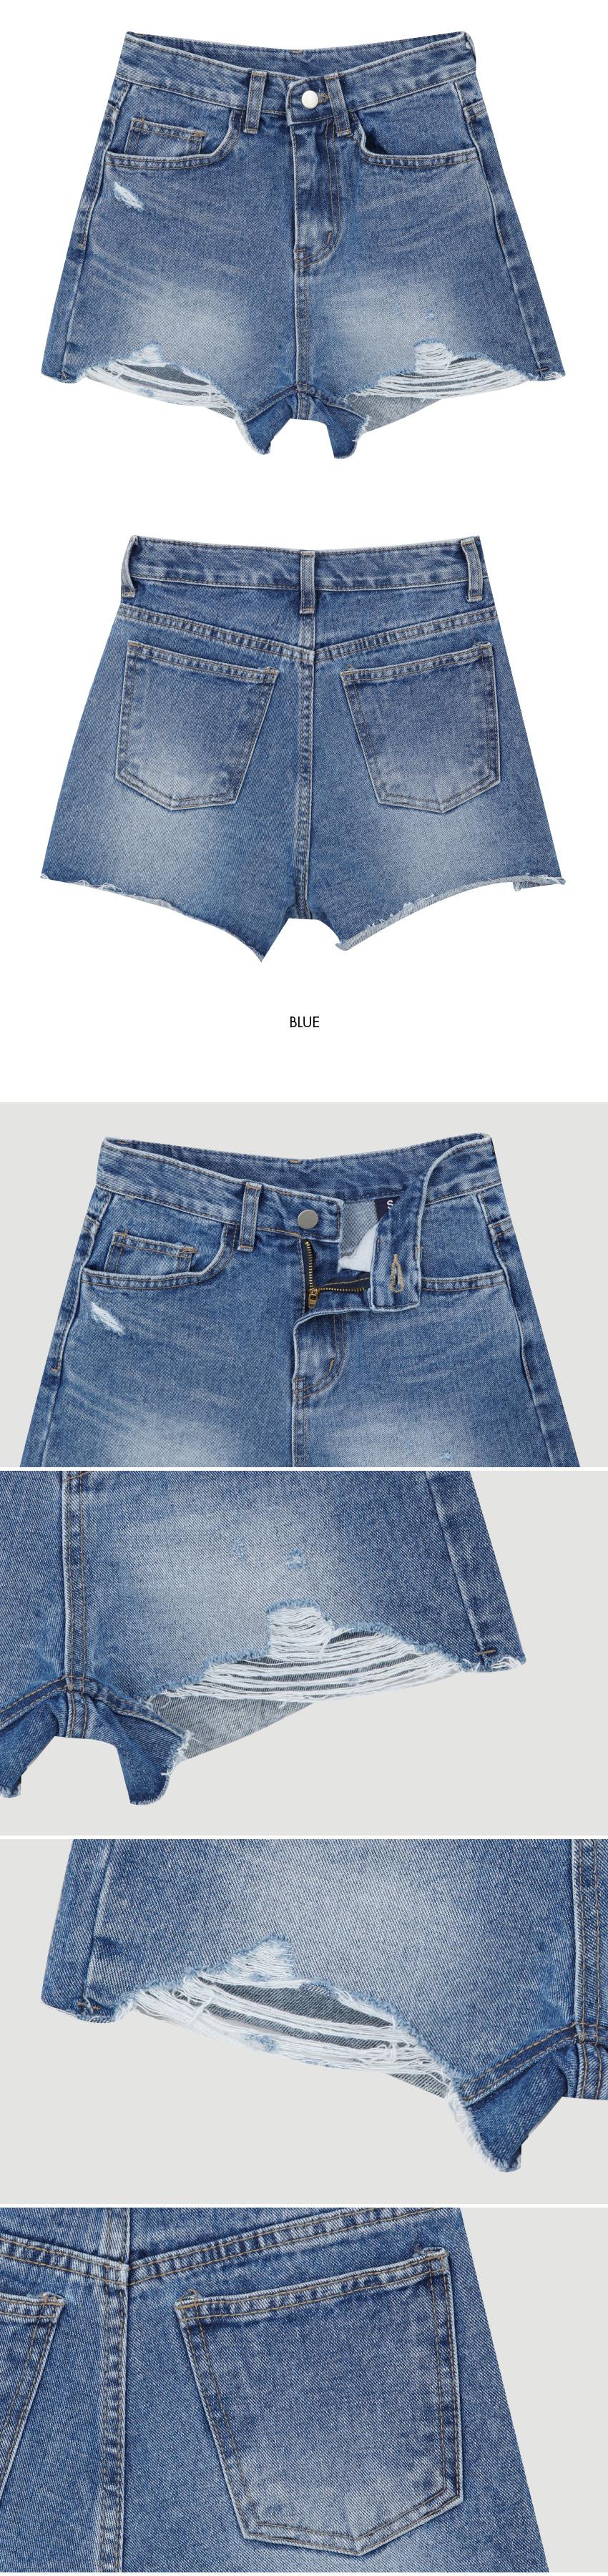 167 damage short pants